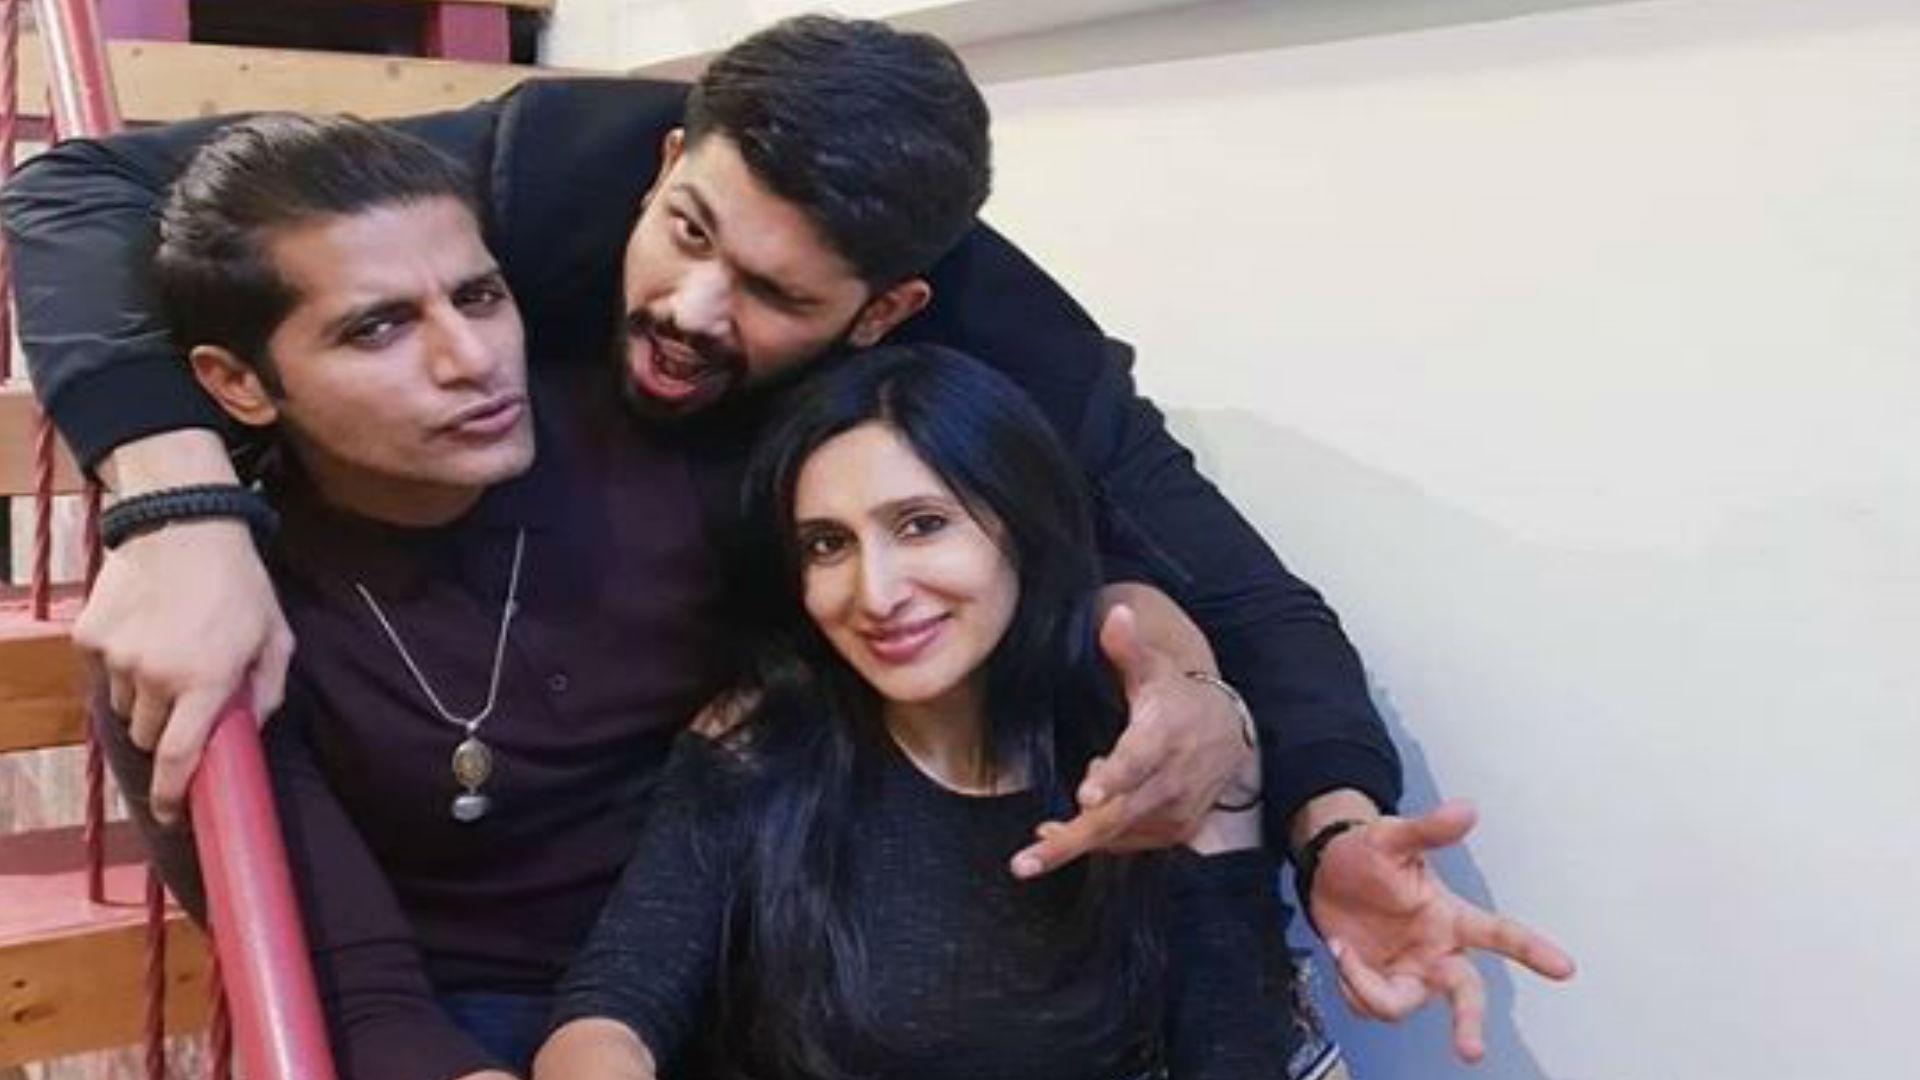 बिग बॉस 12 से शिवाशीष मिश्रा को मिली हैं दो ट्रॉफियां, करणवीर बोहरा की पत्नी तीजे सिद्धू ने खोला राज